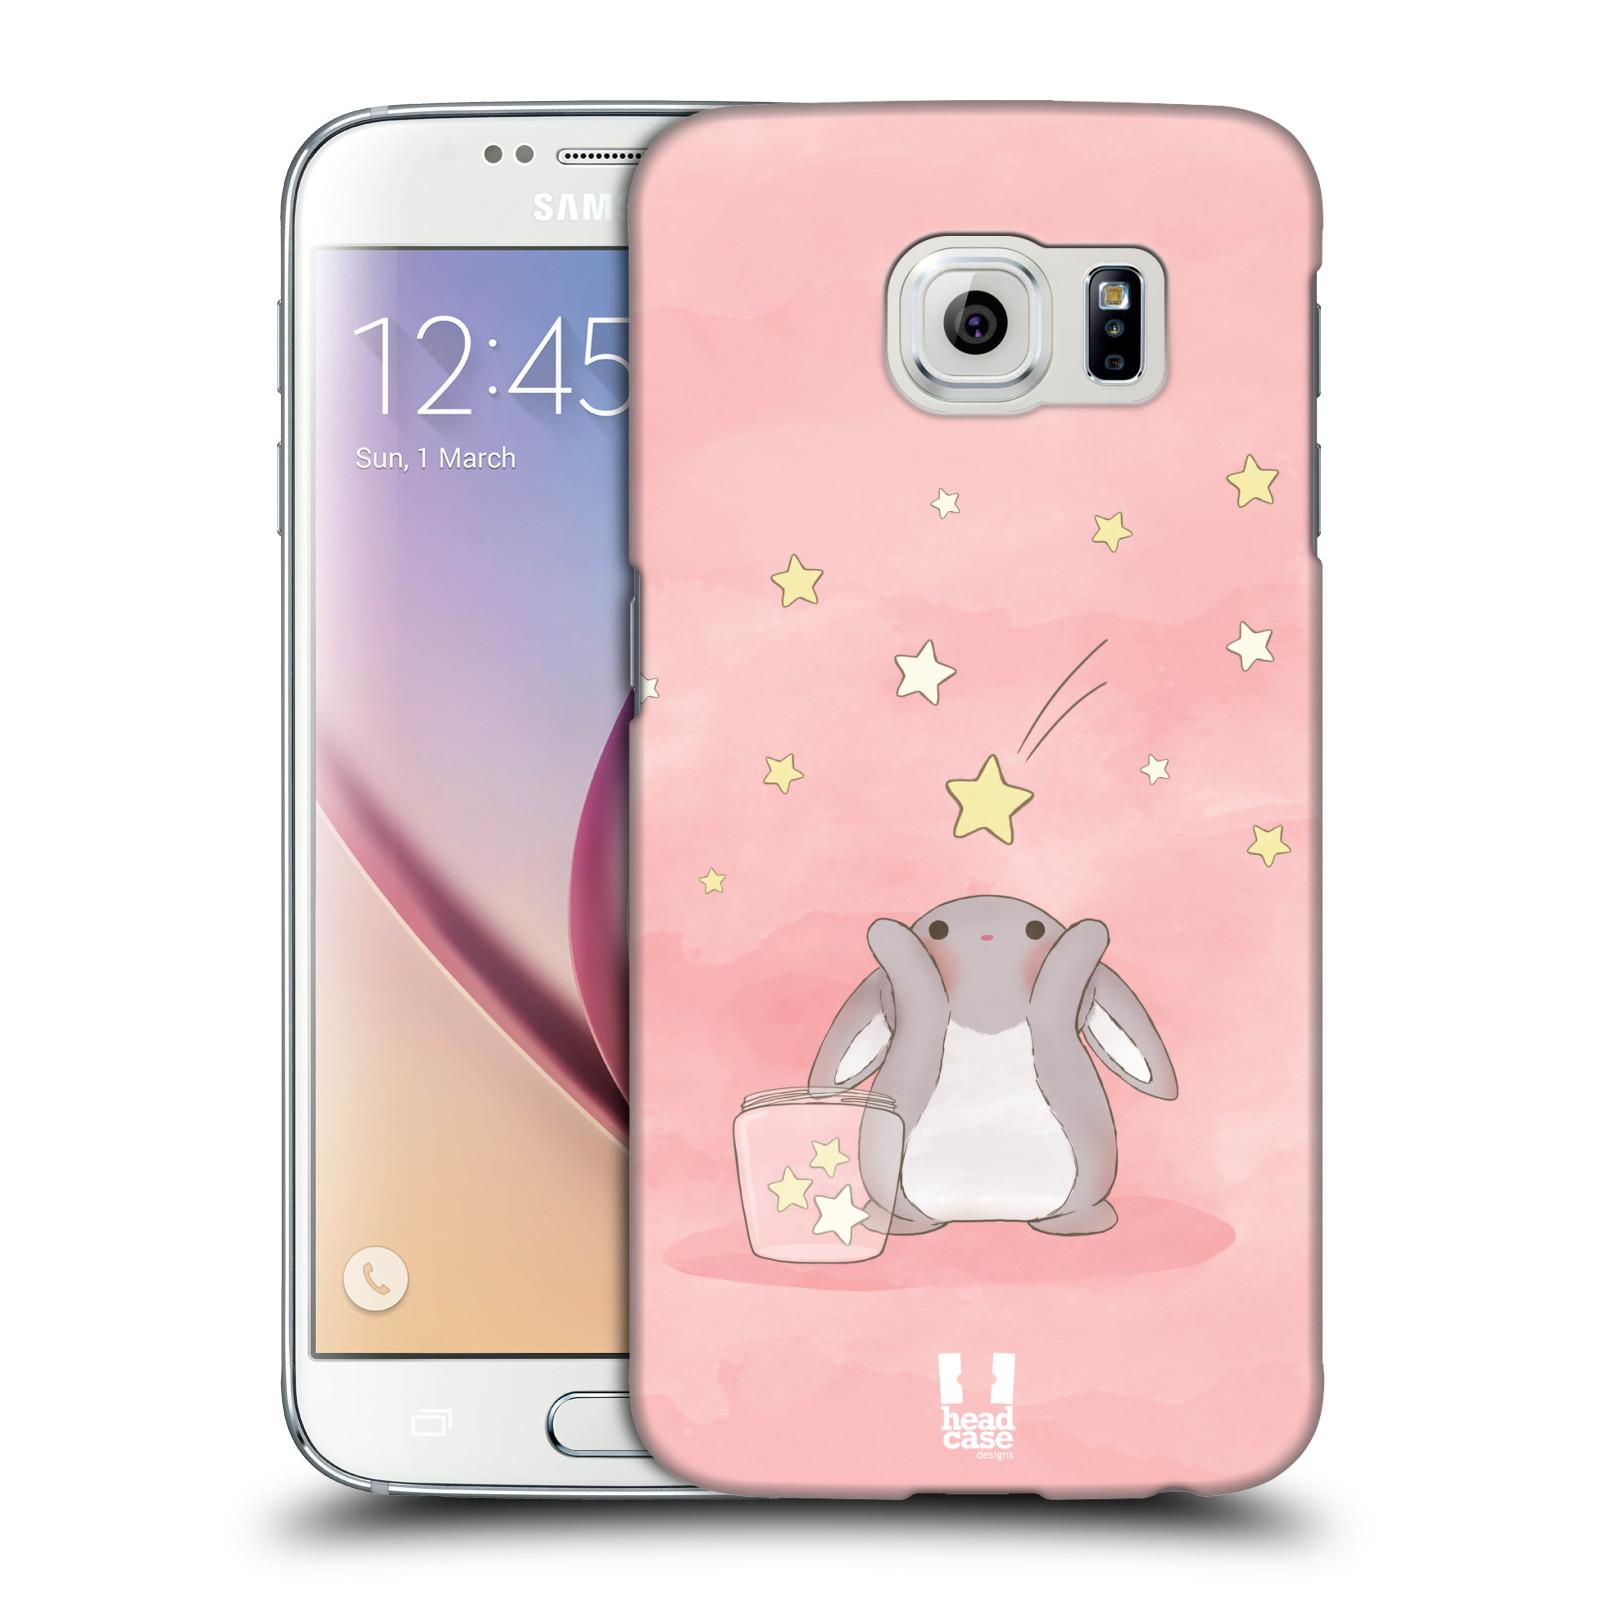 HEAD CASE plastový obal na mobil SAMSUNG Galaxy S6 (G9200, G920F) vzor králíček a hvězdy růžová